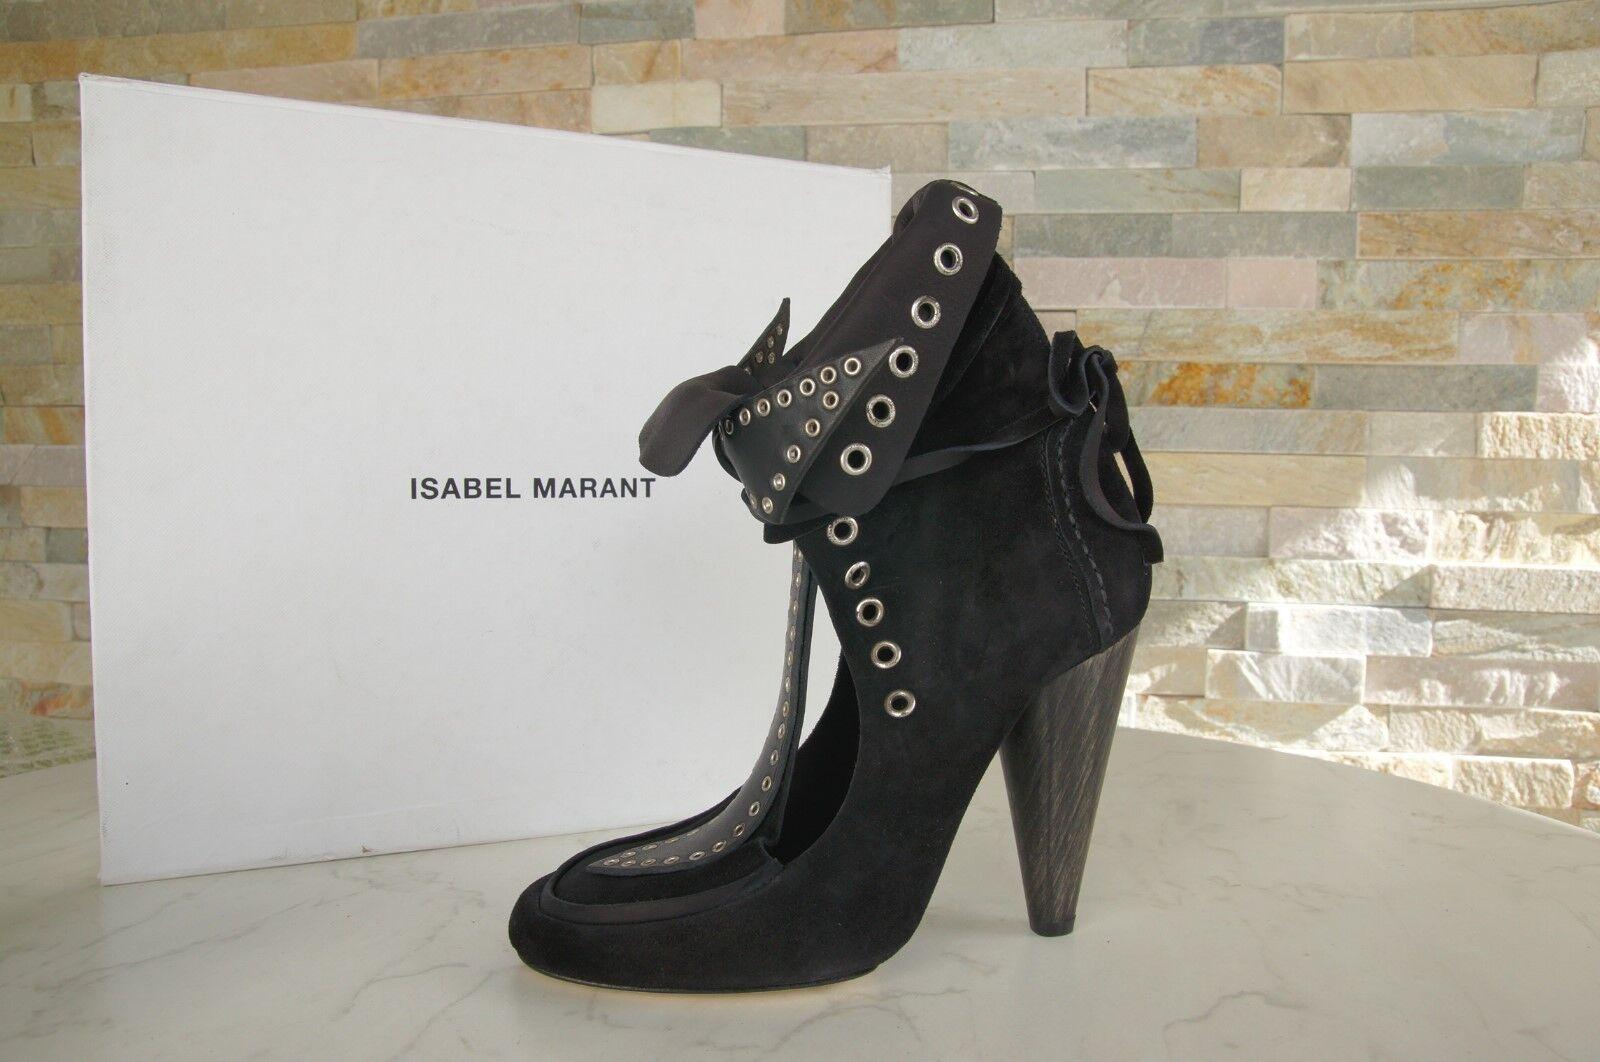 ISABEL MARANT 38 Stiefeletten Stiefelies Stiefel Schuhe schwarz neu ehem.